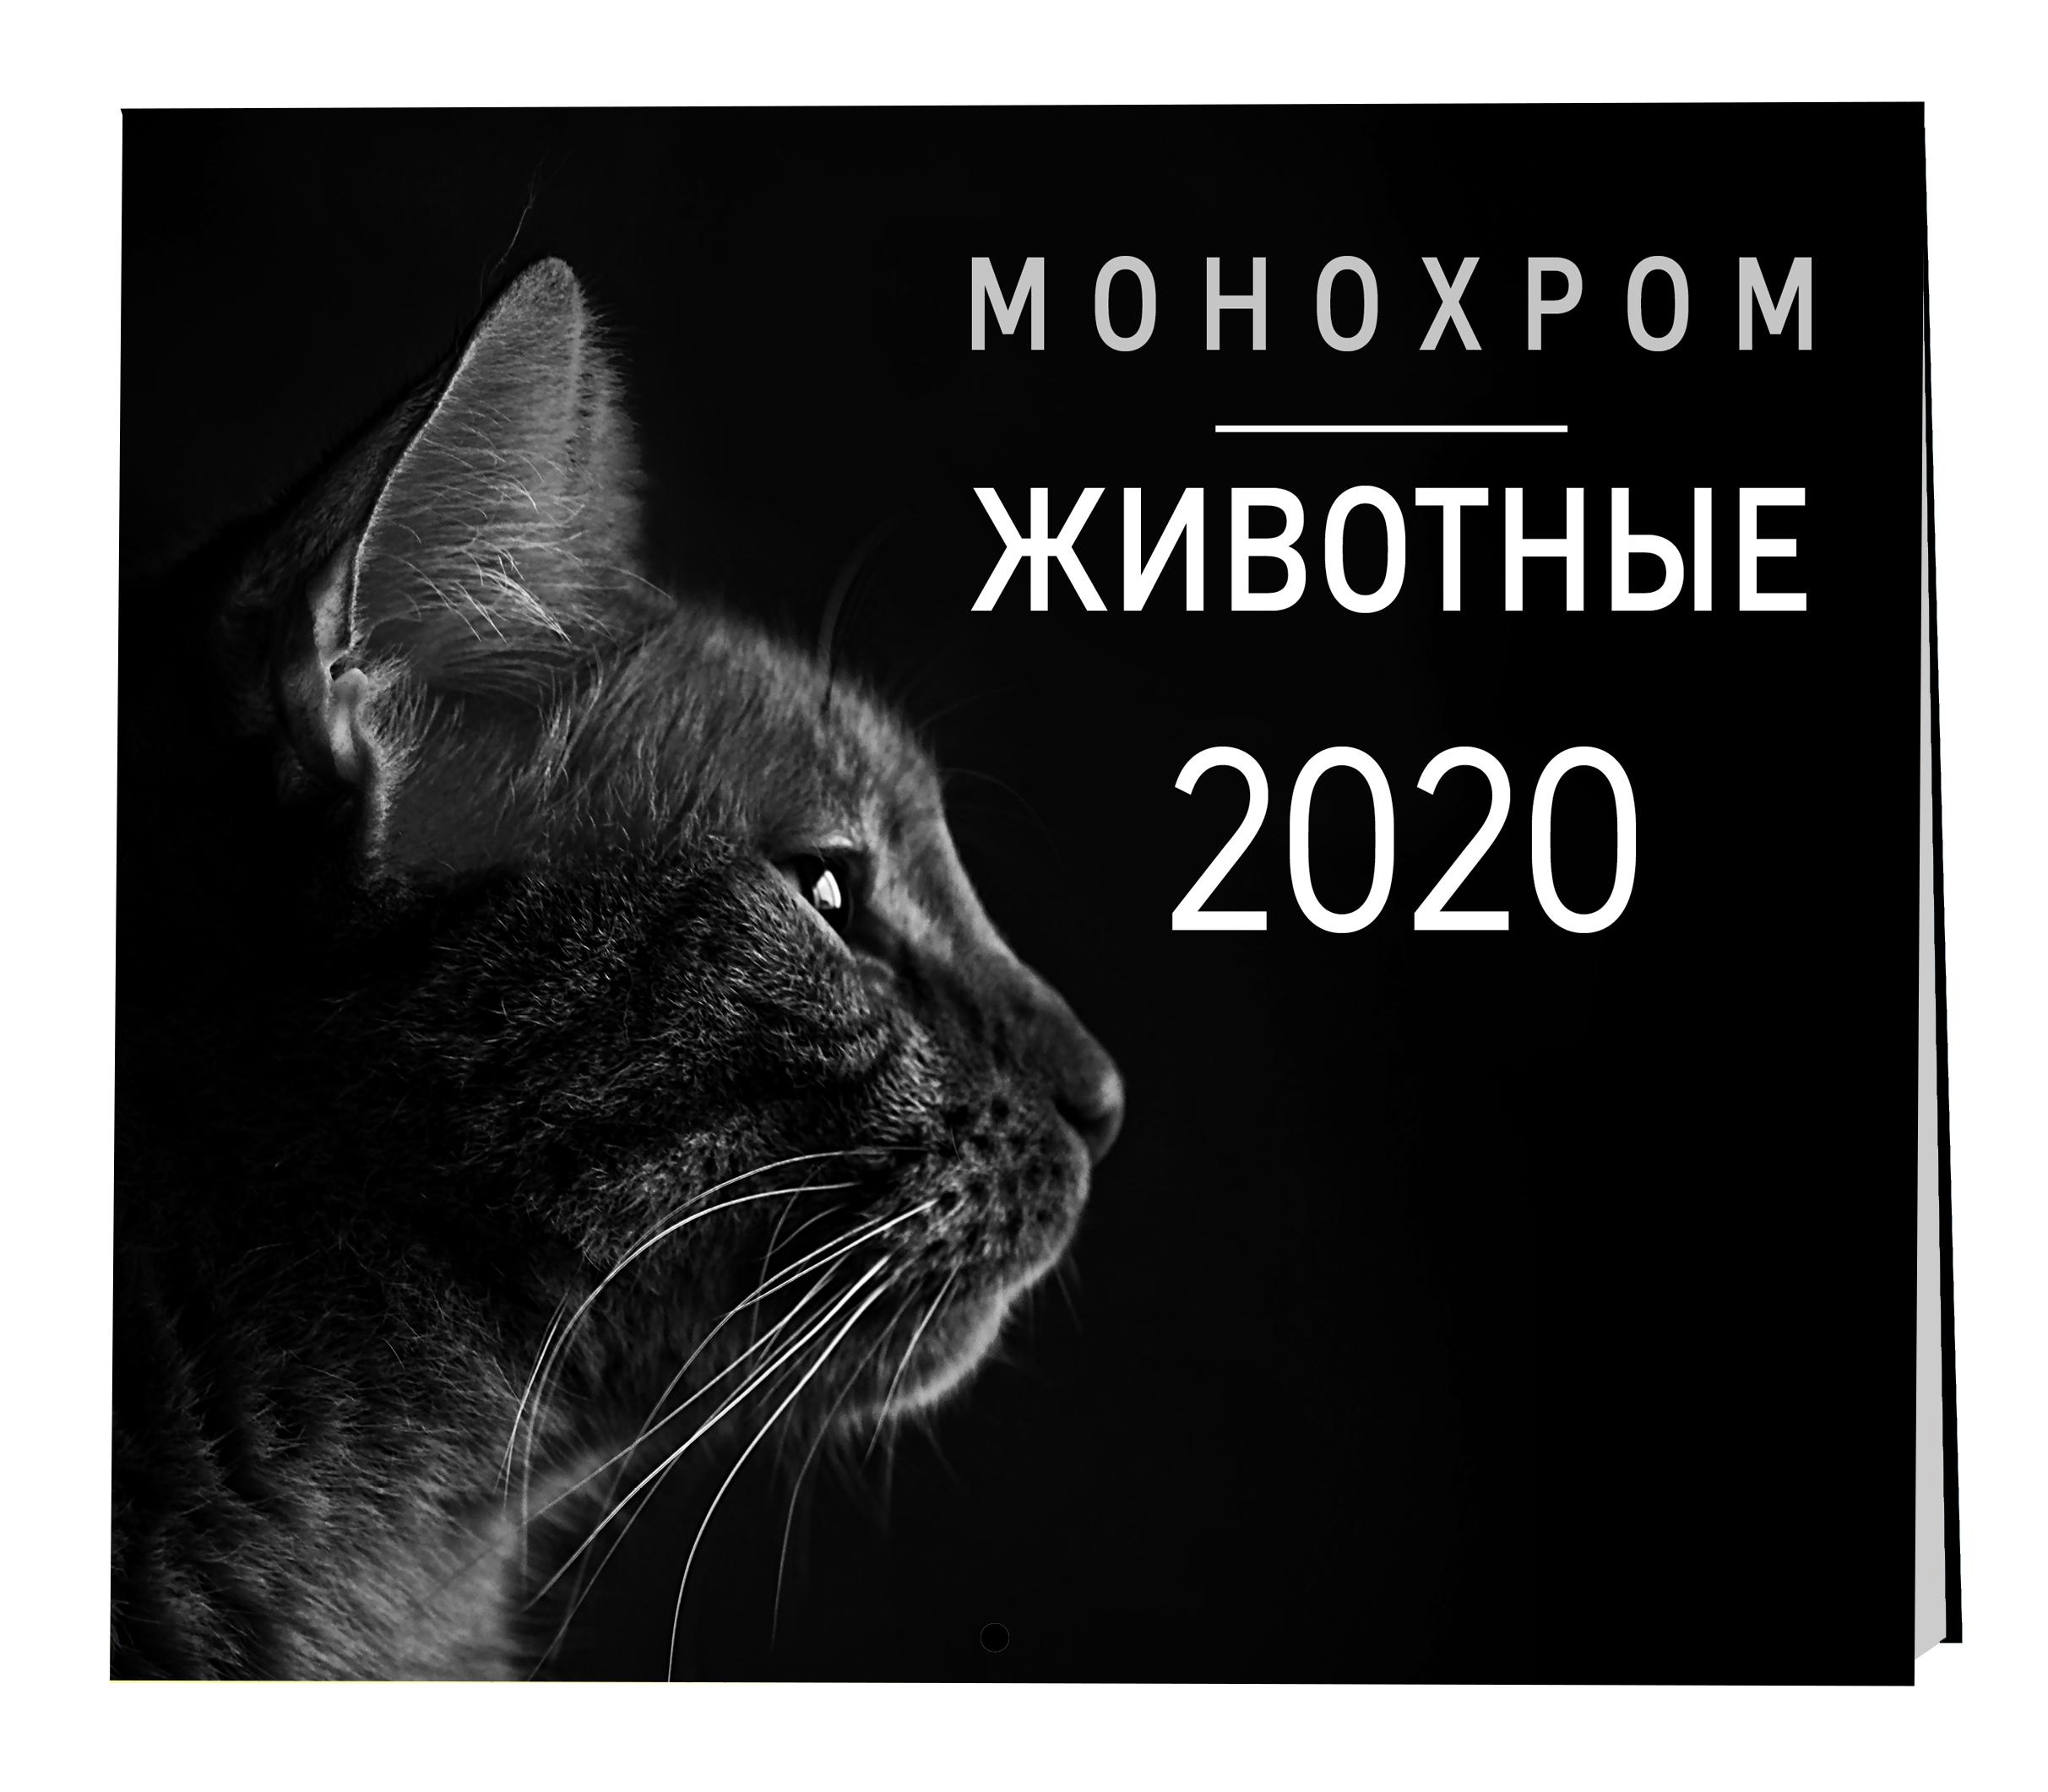 Монохром. Животные. Календарь настенный на 2020 год (300х300 мм)